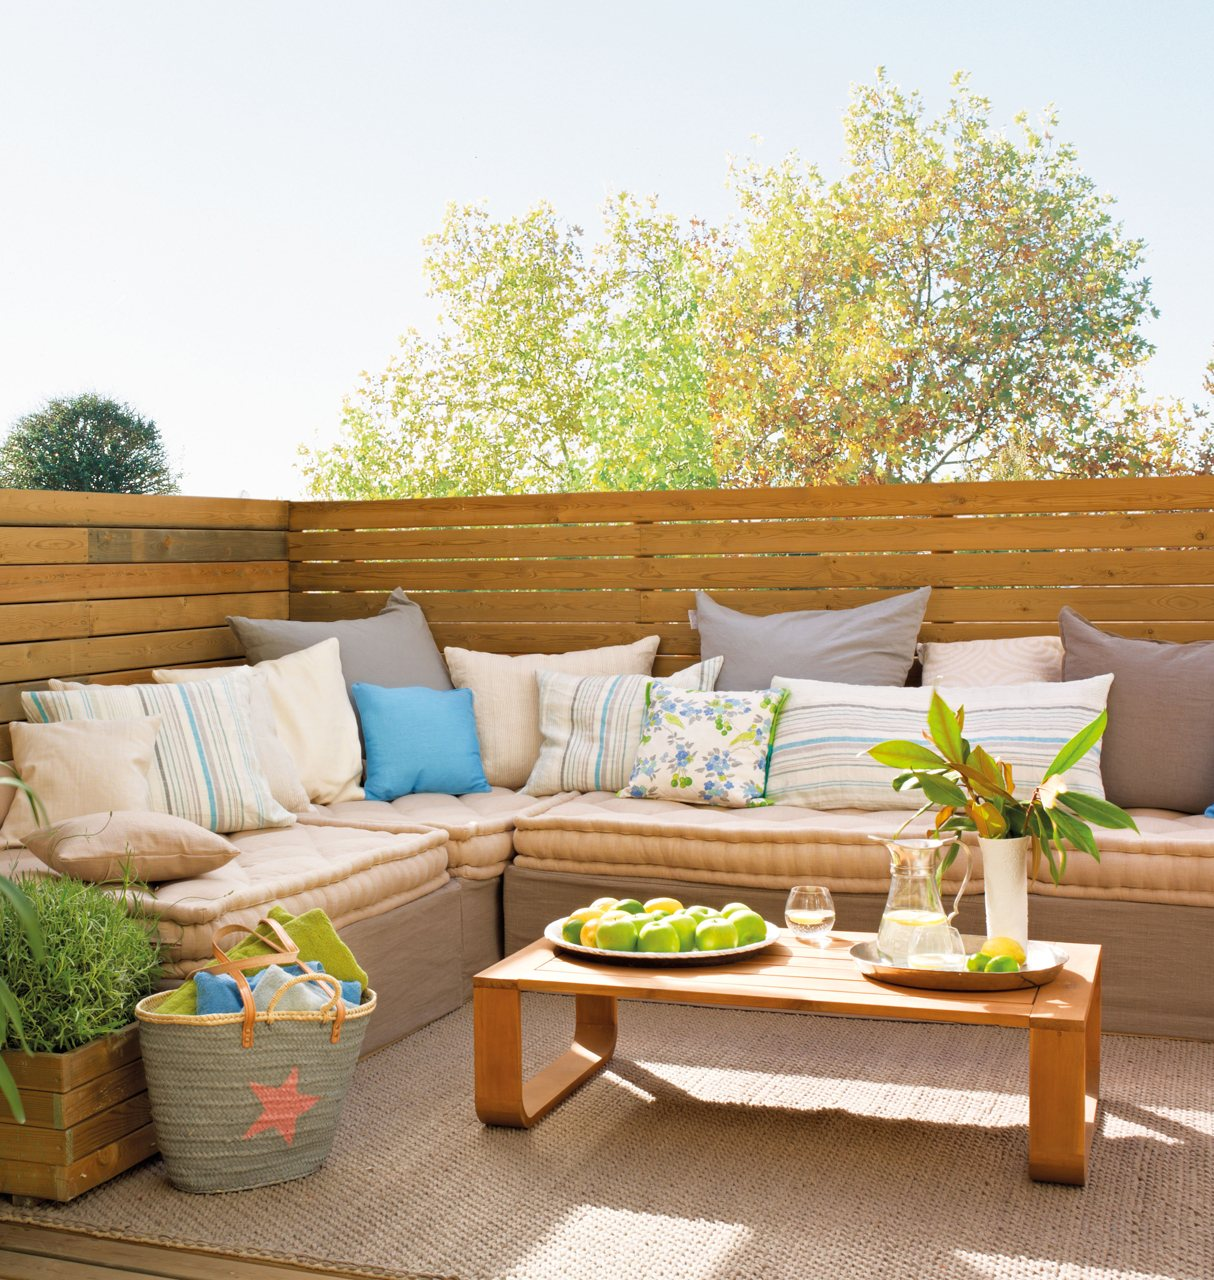 15 formas de aprovechar exteriores peque os for Bancos para terrazas baratos